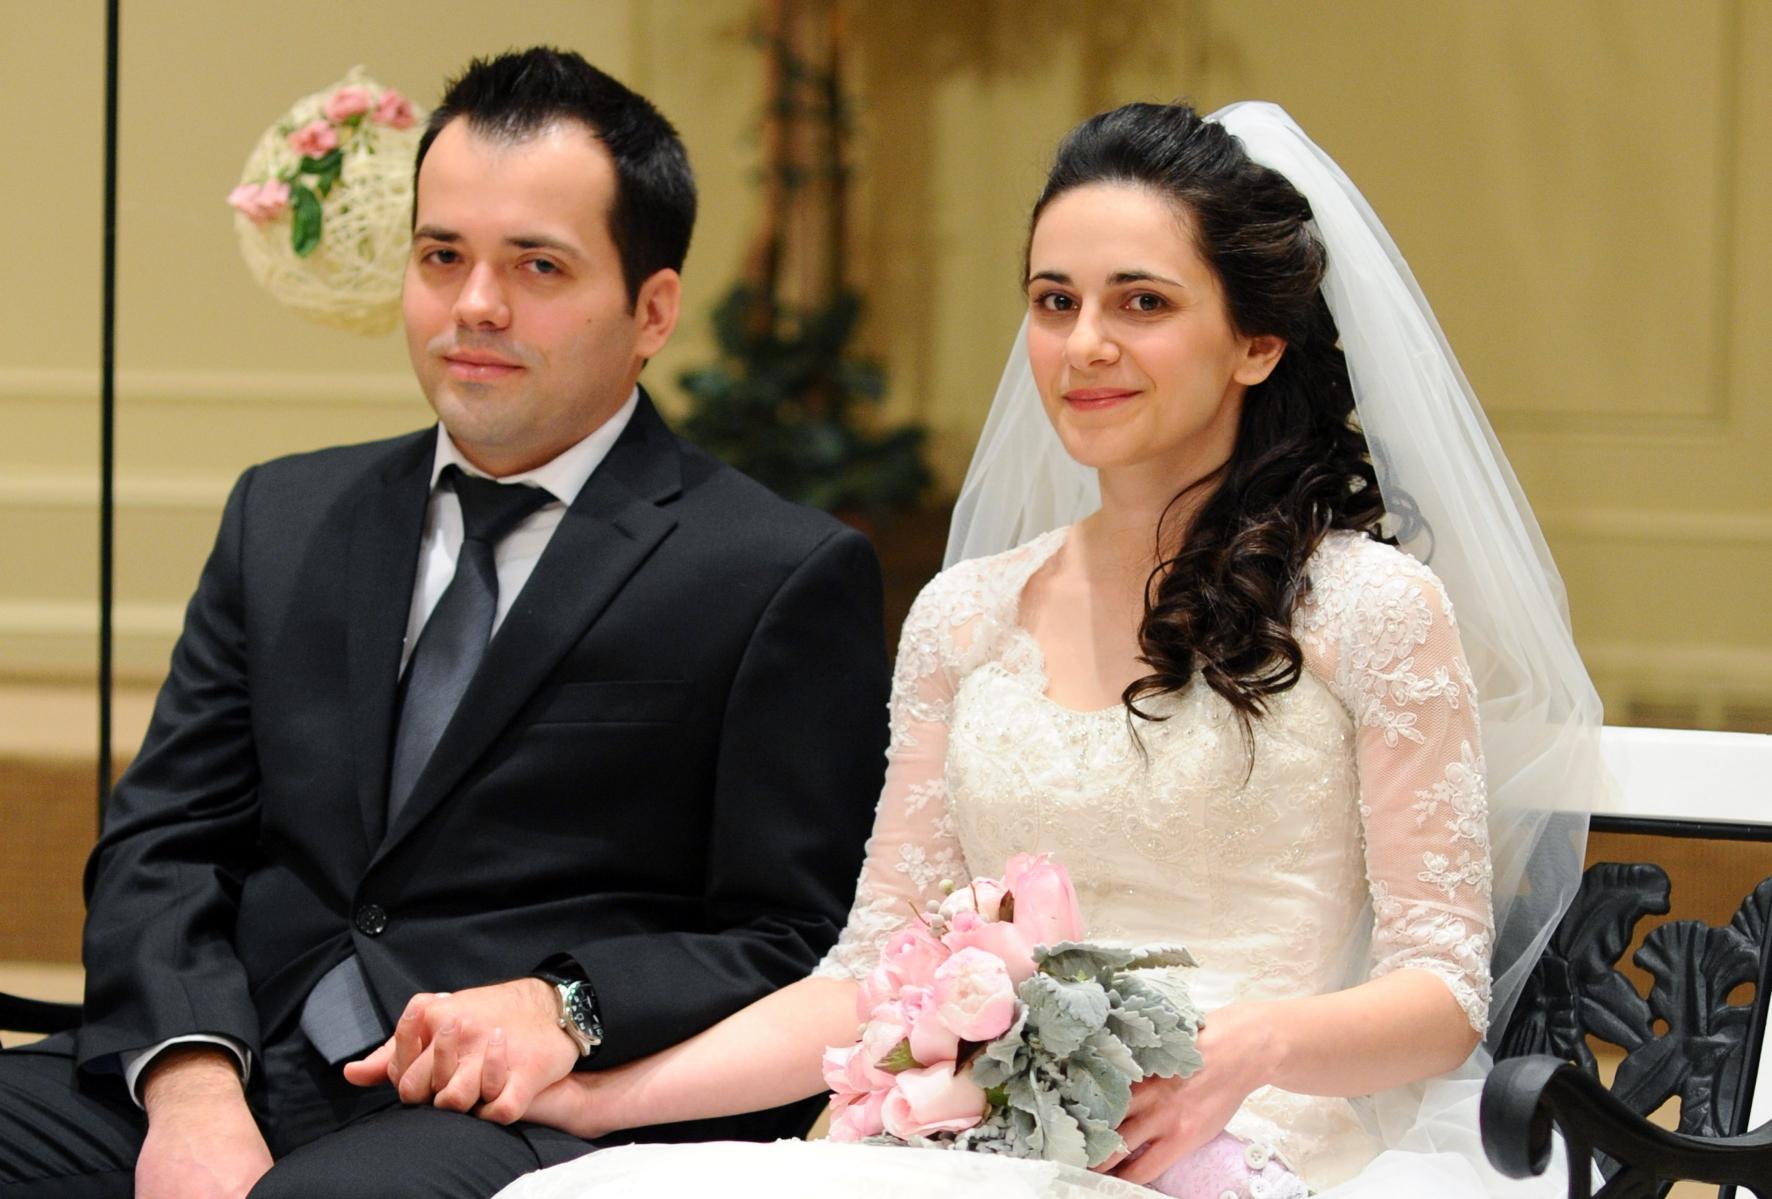 Andrew and Simona Roman